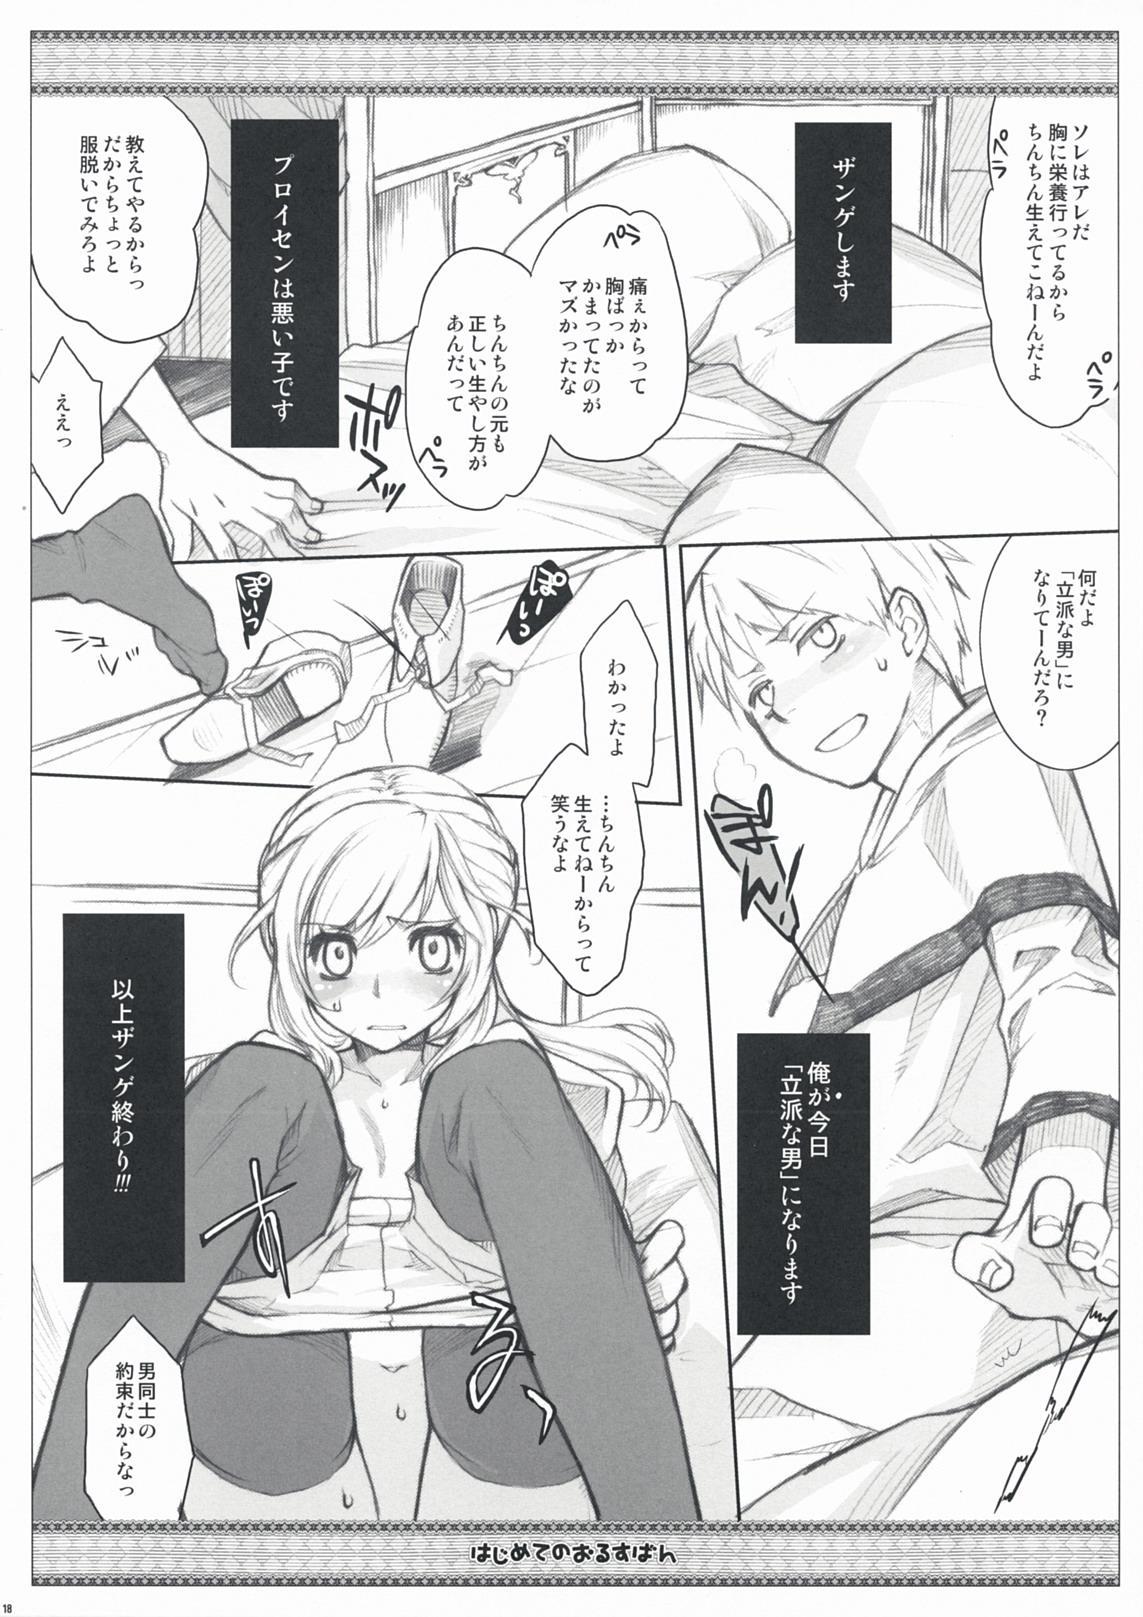 Hajimete no Orosuban 17